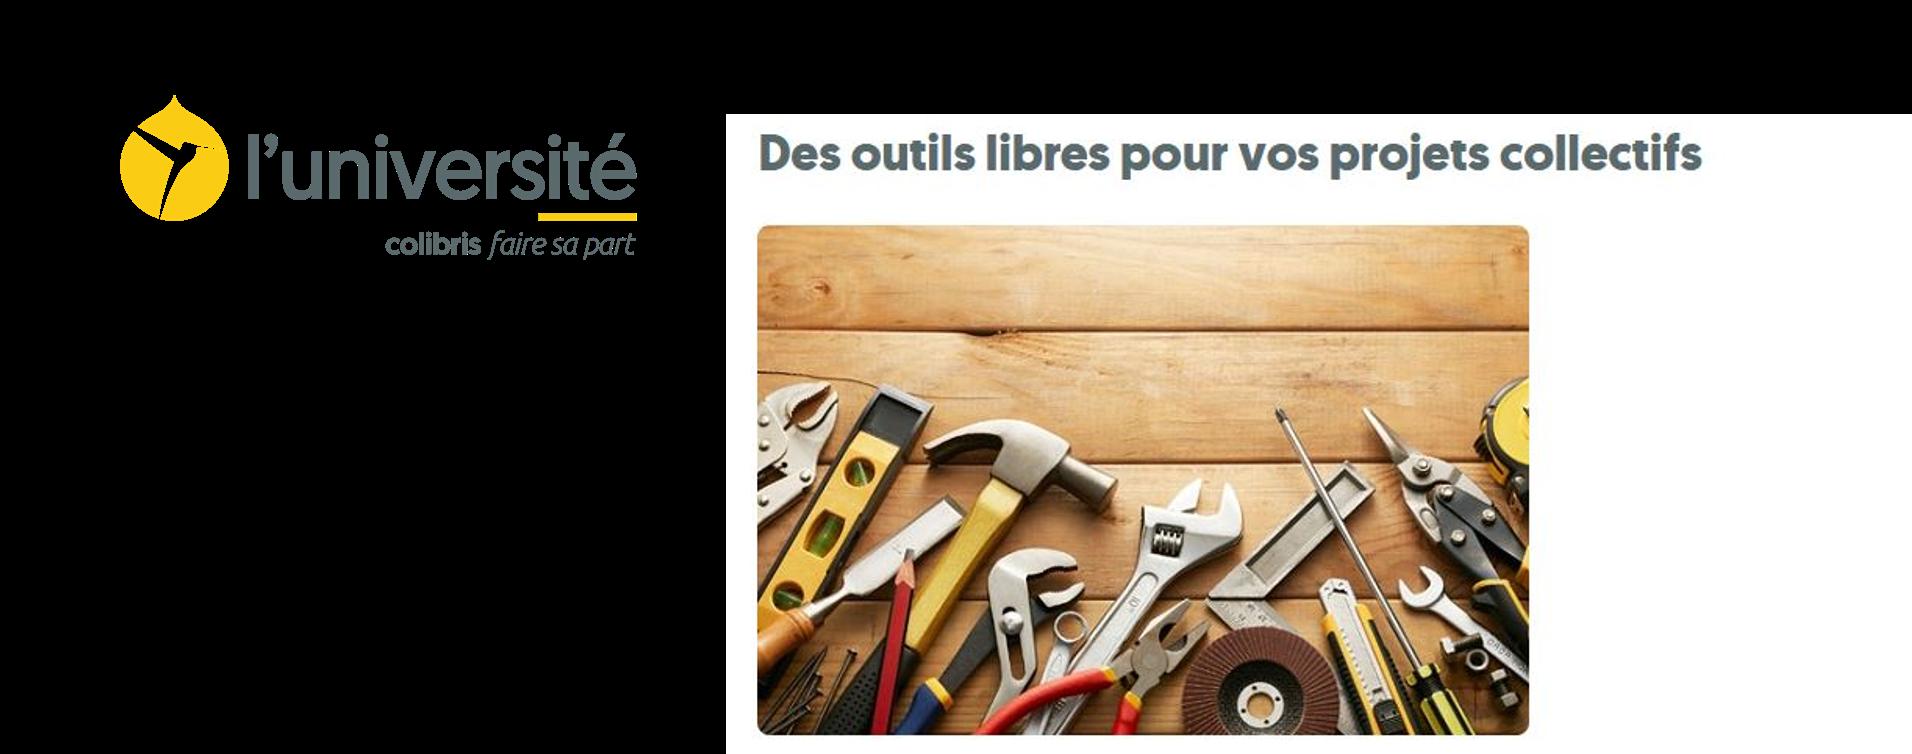 Parcours universite Lien vers: https://colibris-universite.org/formation/des-outils-libres-pour-vos-projets-collectifs